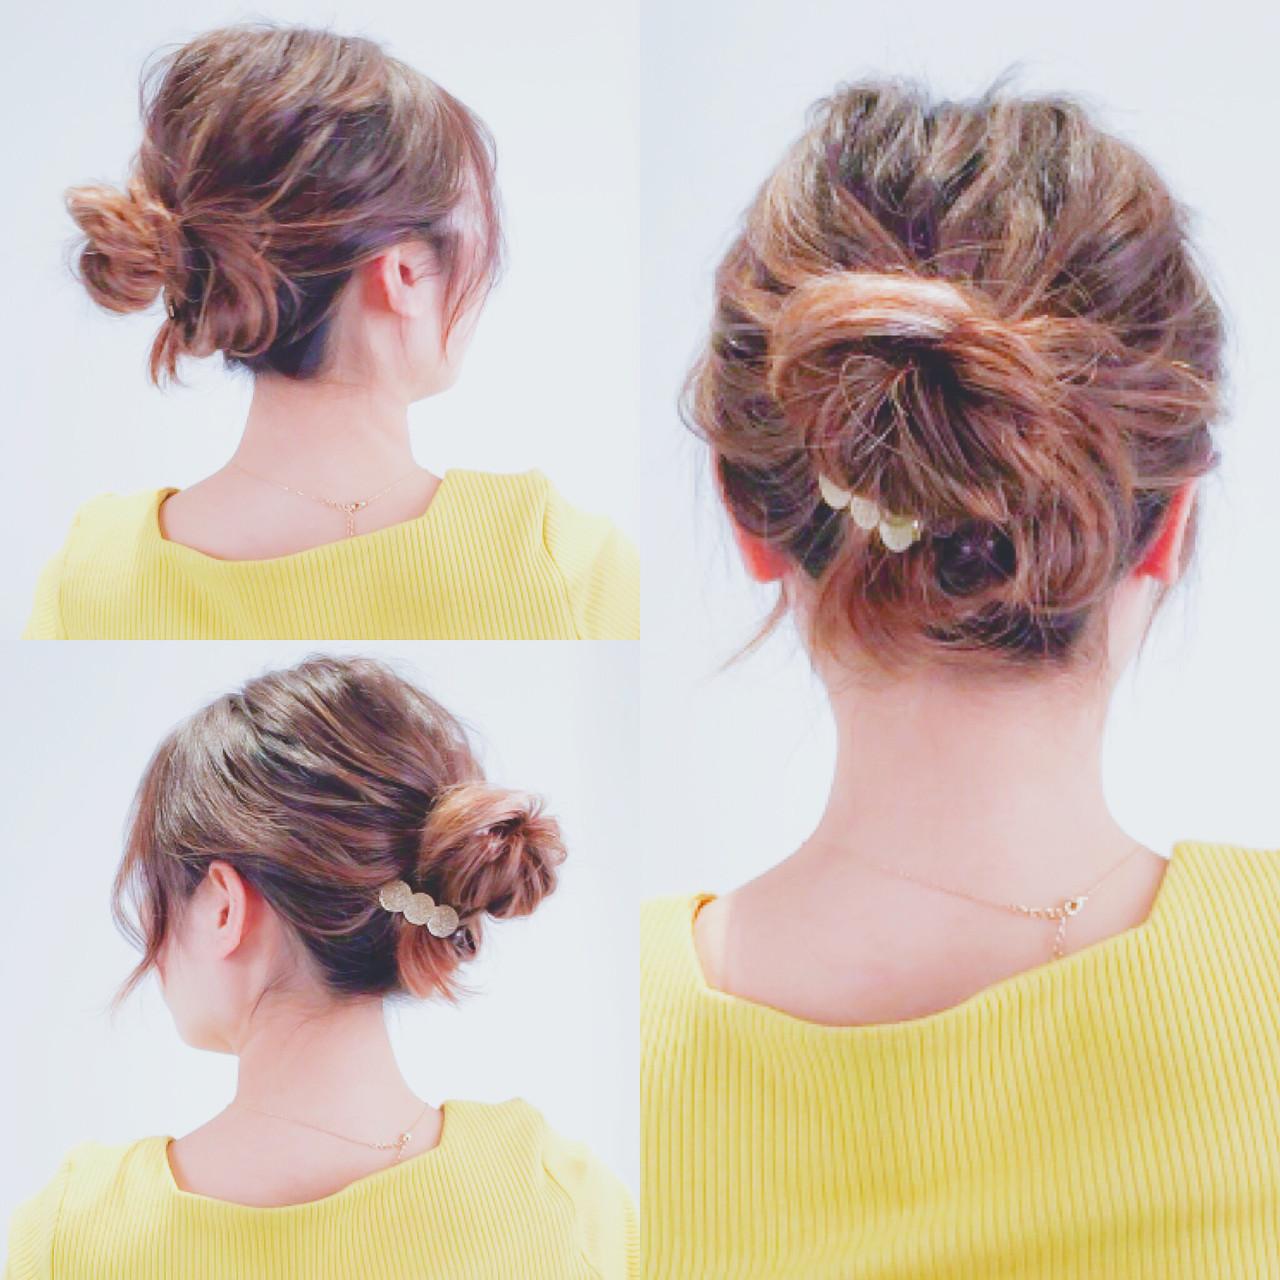 セルフヘアアレンジ 簡単ヘアアレンジ ロング ヘアアレンジ ヘアスタイルや髪型の写真・画像 | 美容師HIRO/Amoute代表 / Amoute/アムティ